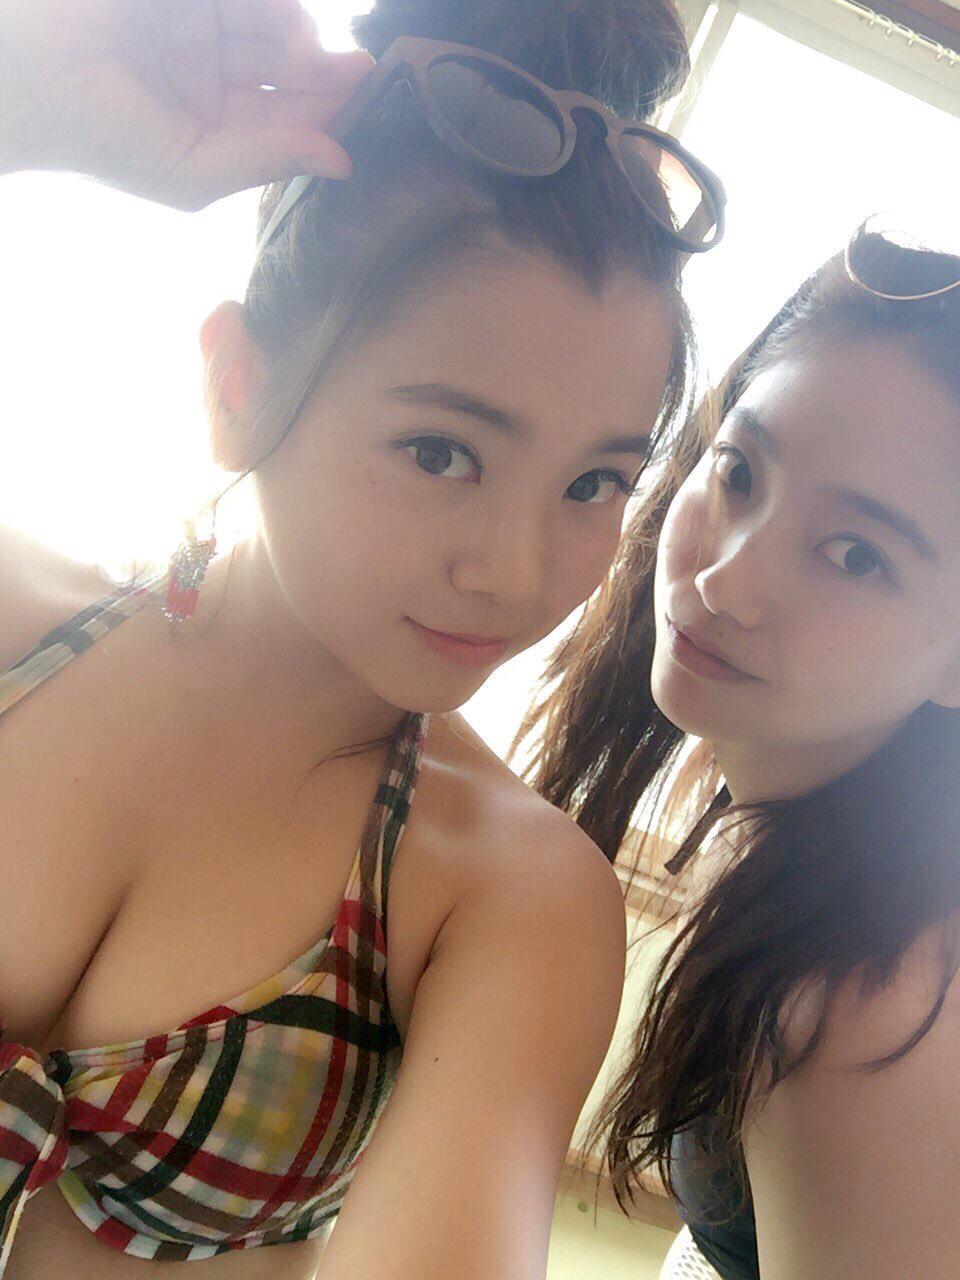 【画像あり】巨乳おっぱいしたビキニのお姉さん『海なう。』wwwwwww Fg8YMVF